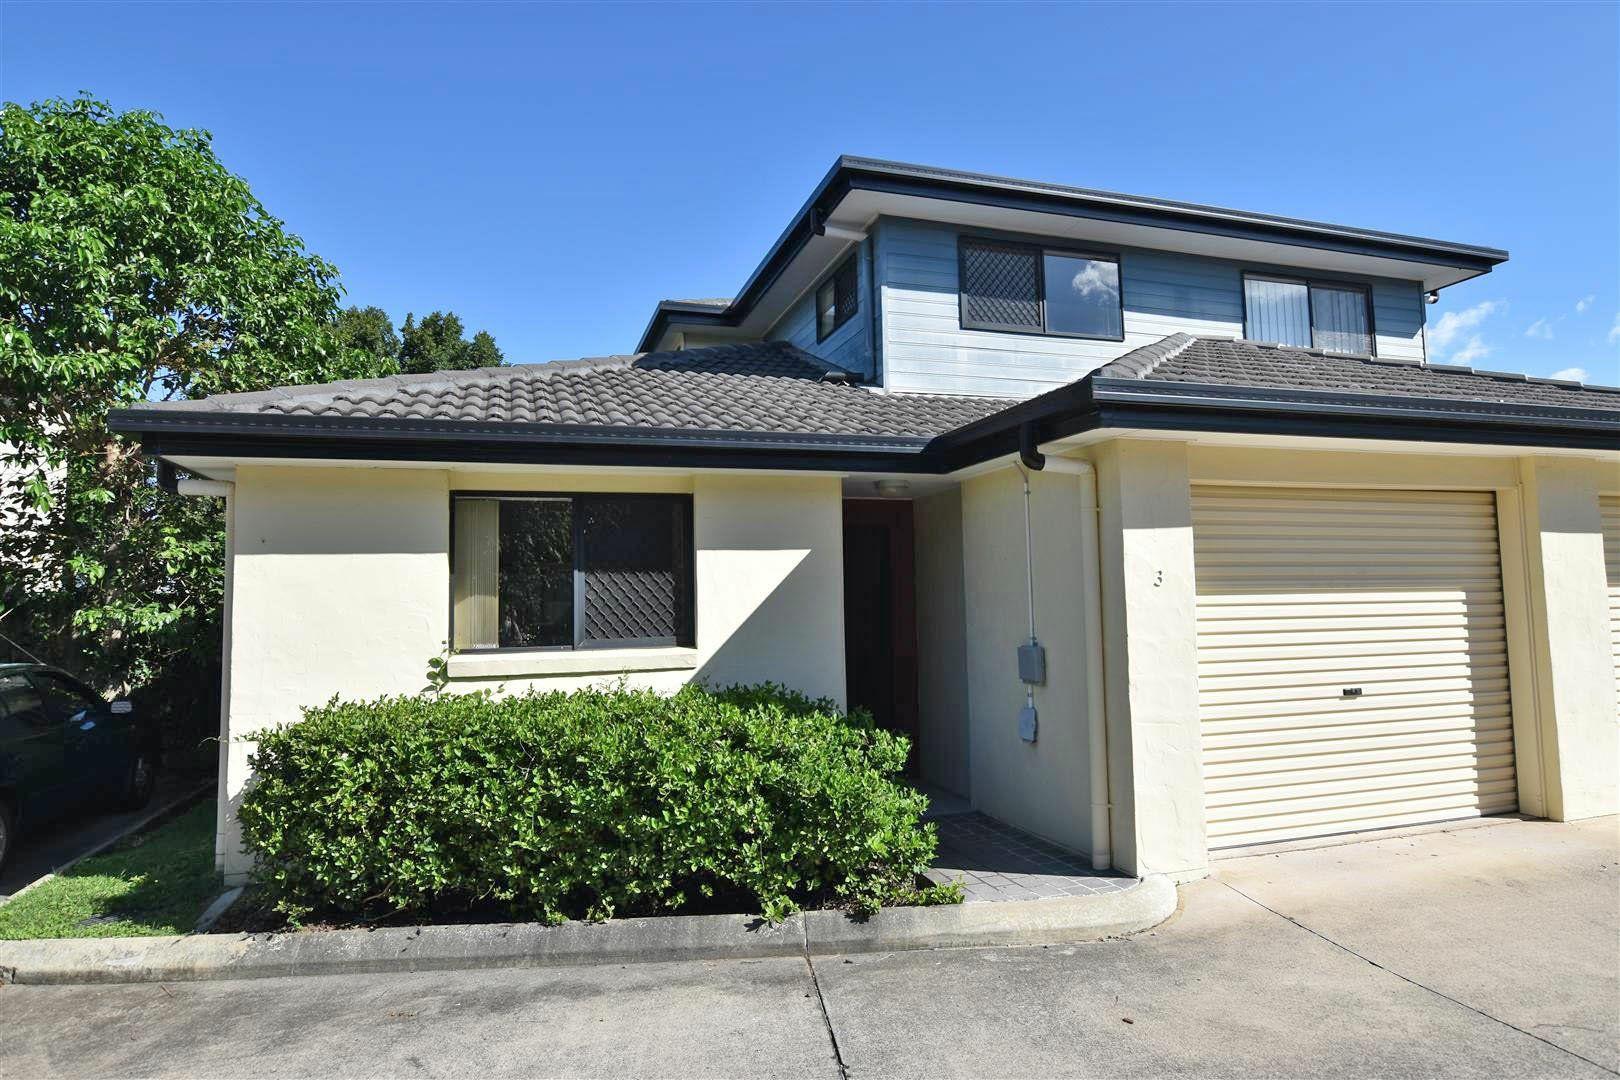 3/72-78 Duffield Road, Kallangur QLD 4503, Image 0